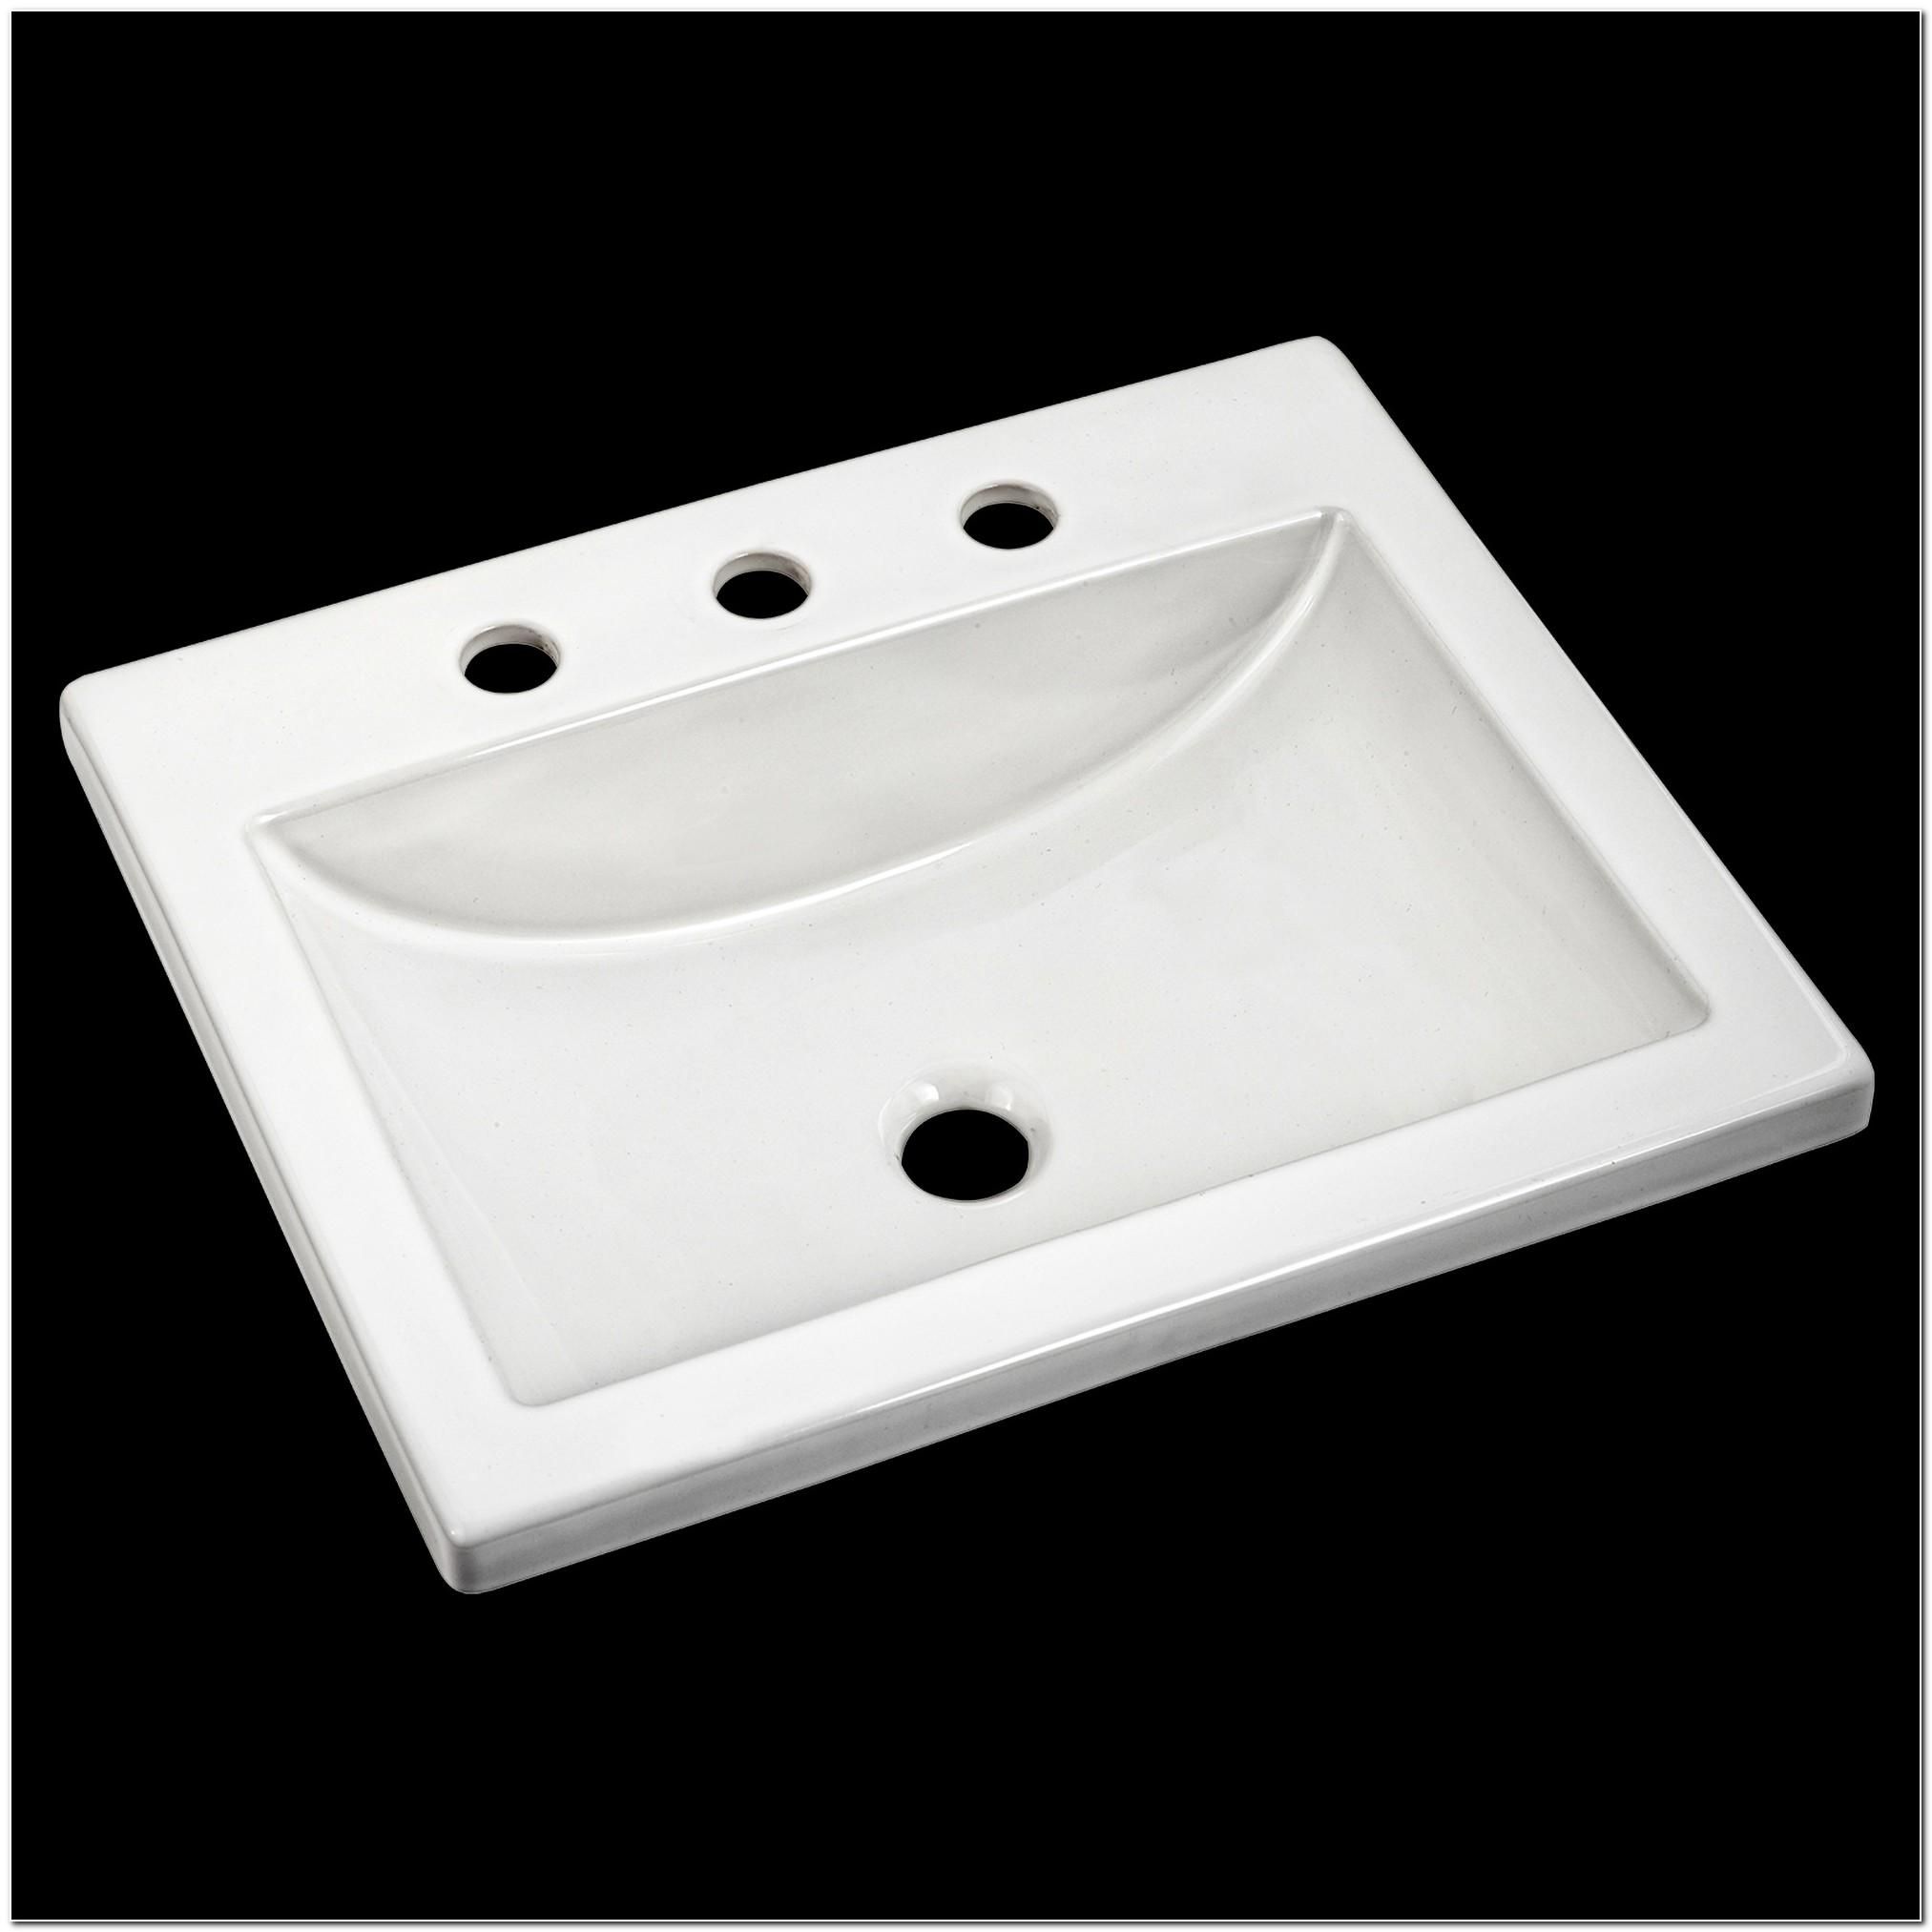 American Standard Bathroom Drop In Sinks